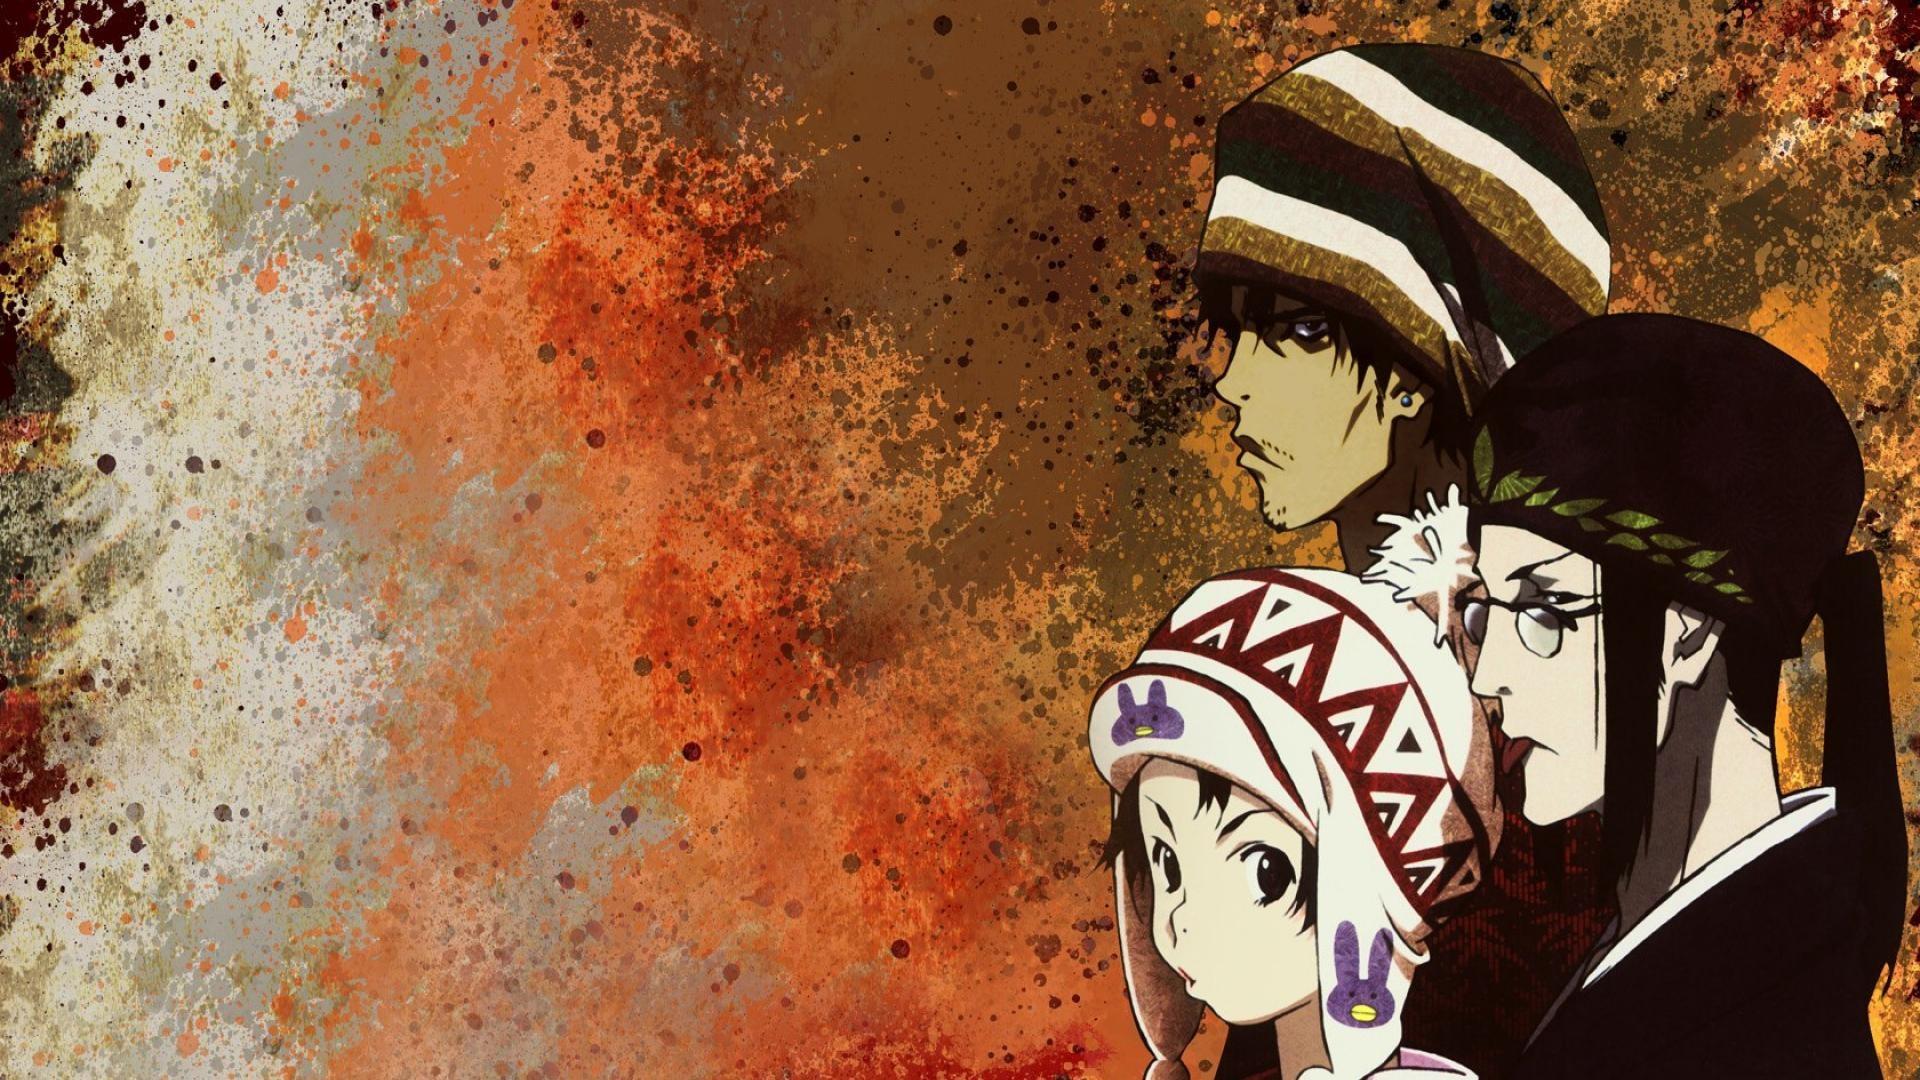 Samurai Champloo Wallpaper Widescreen